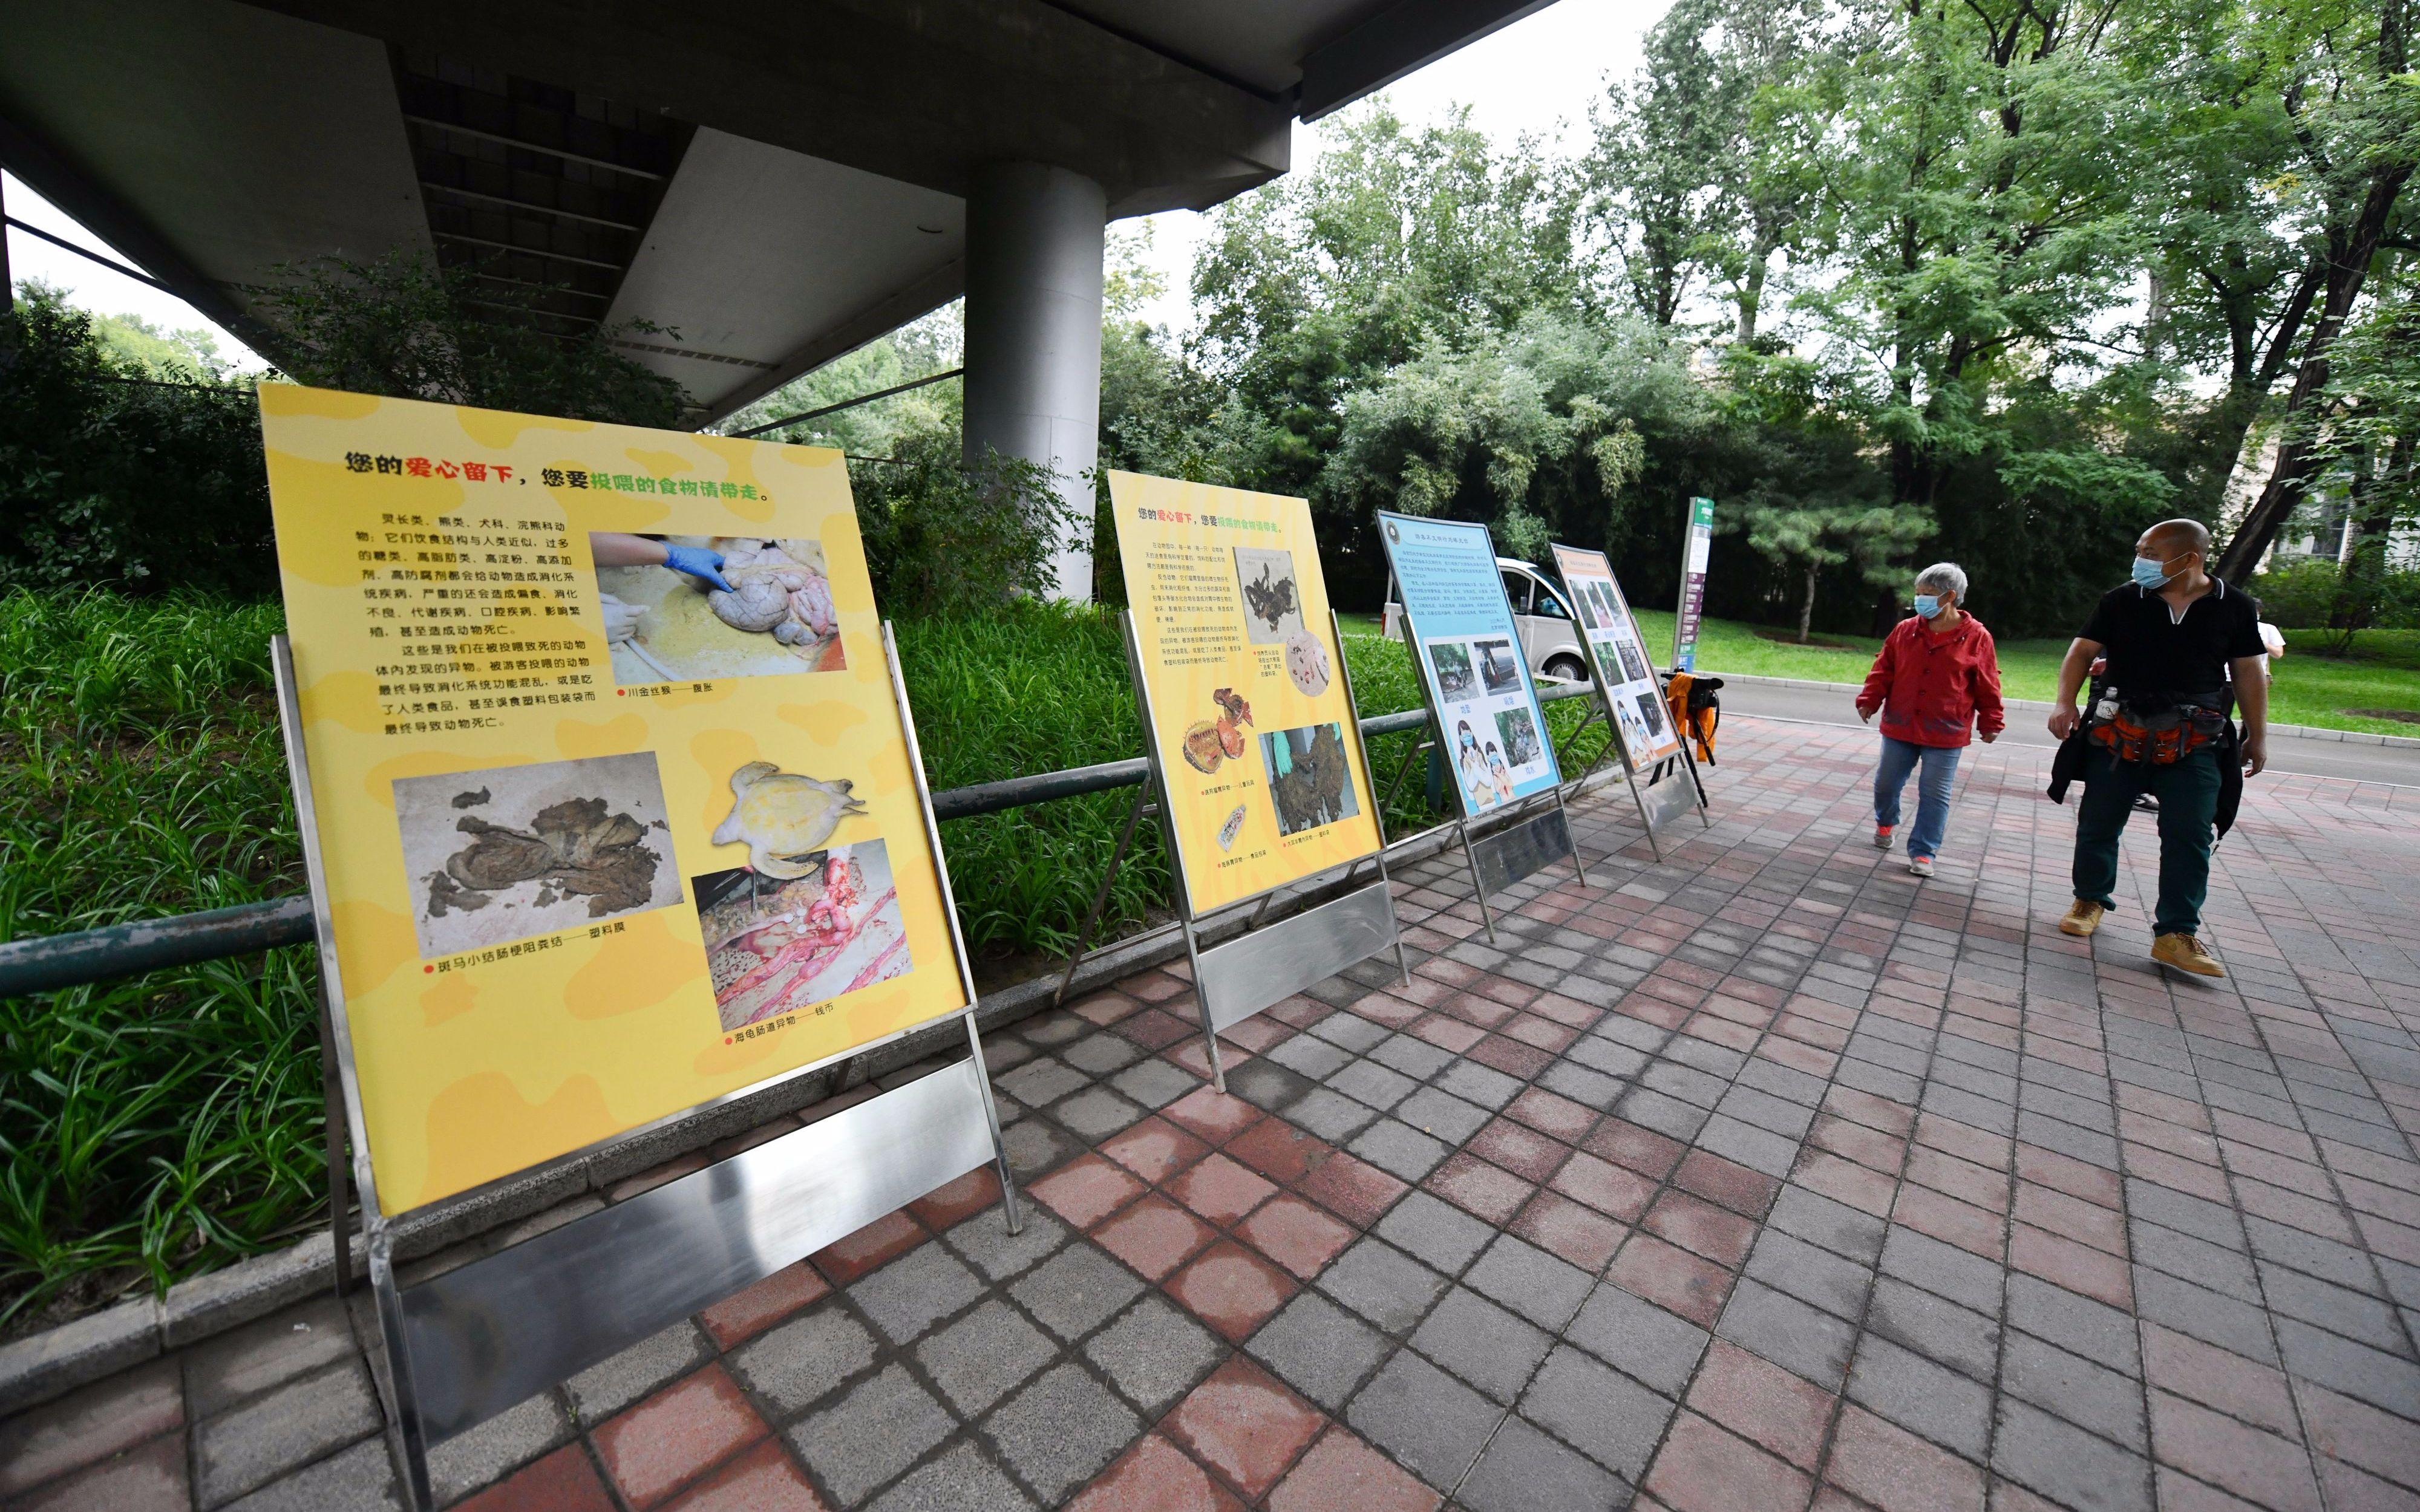 """北京动物园上""""大招"""",随意投喂动物屡劝不改将被禁止入园"""